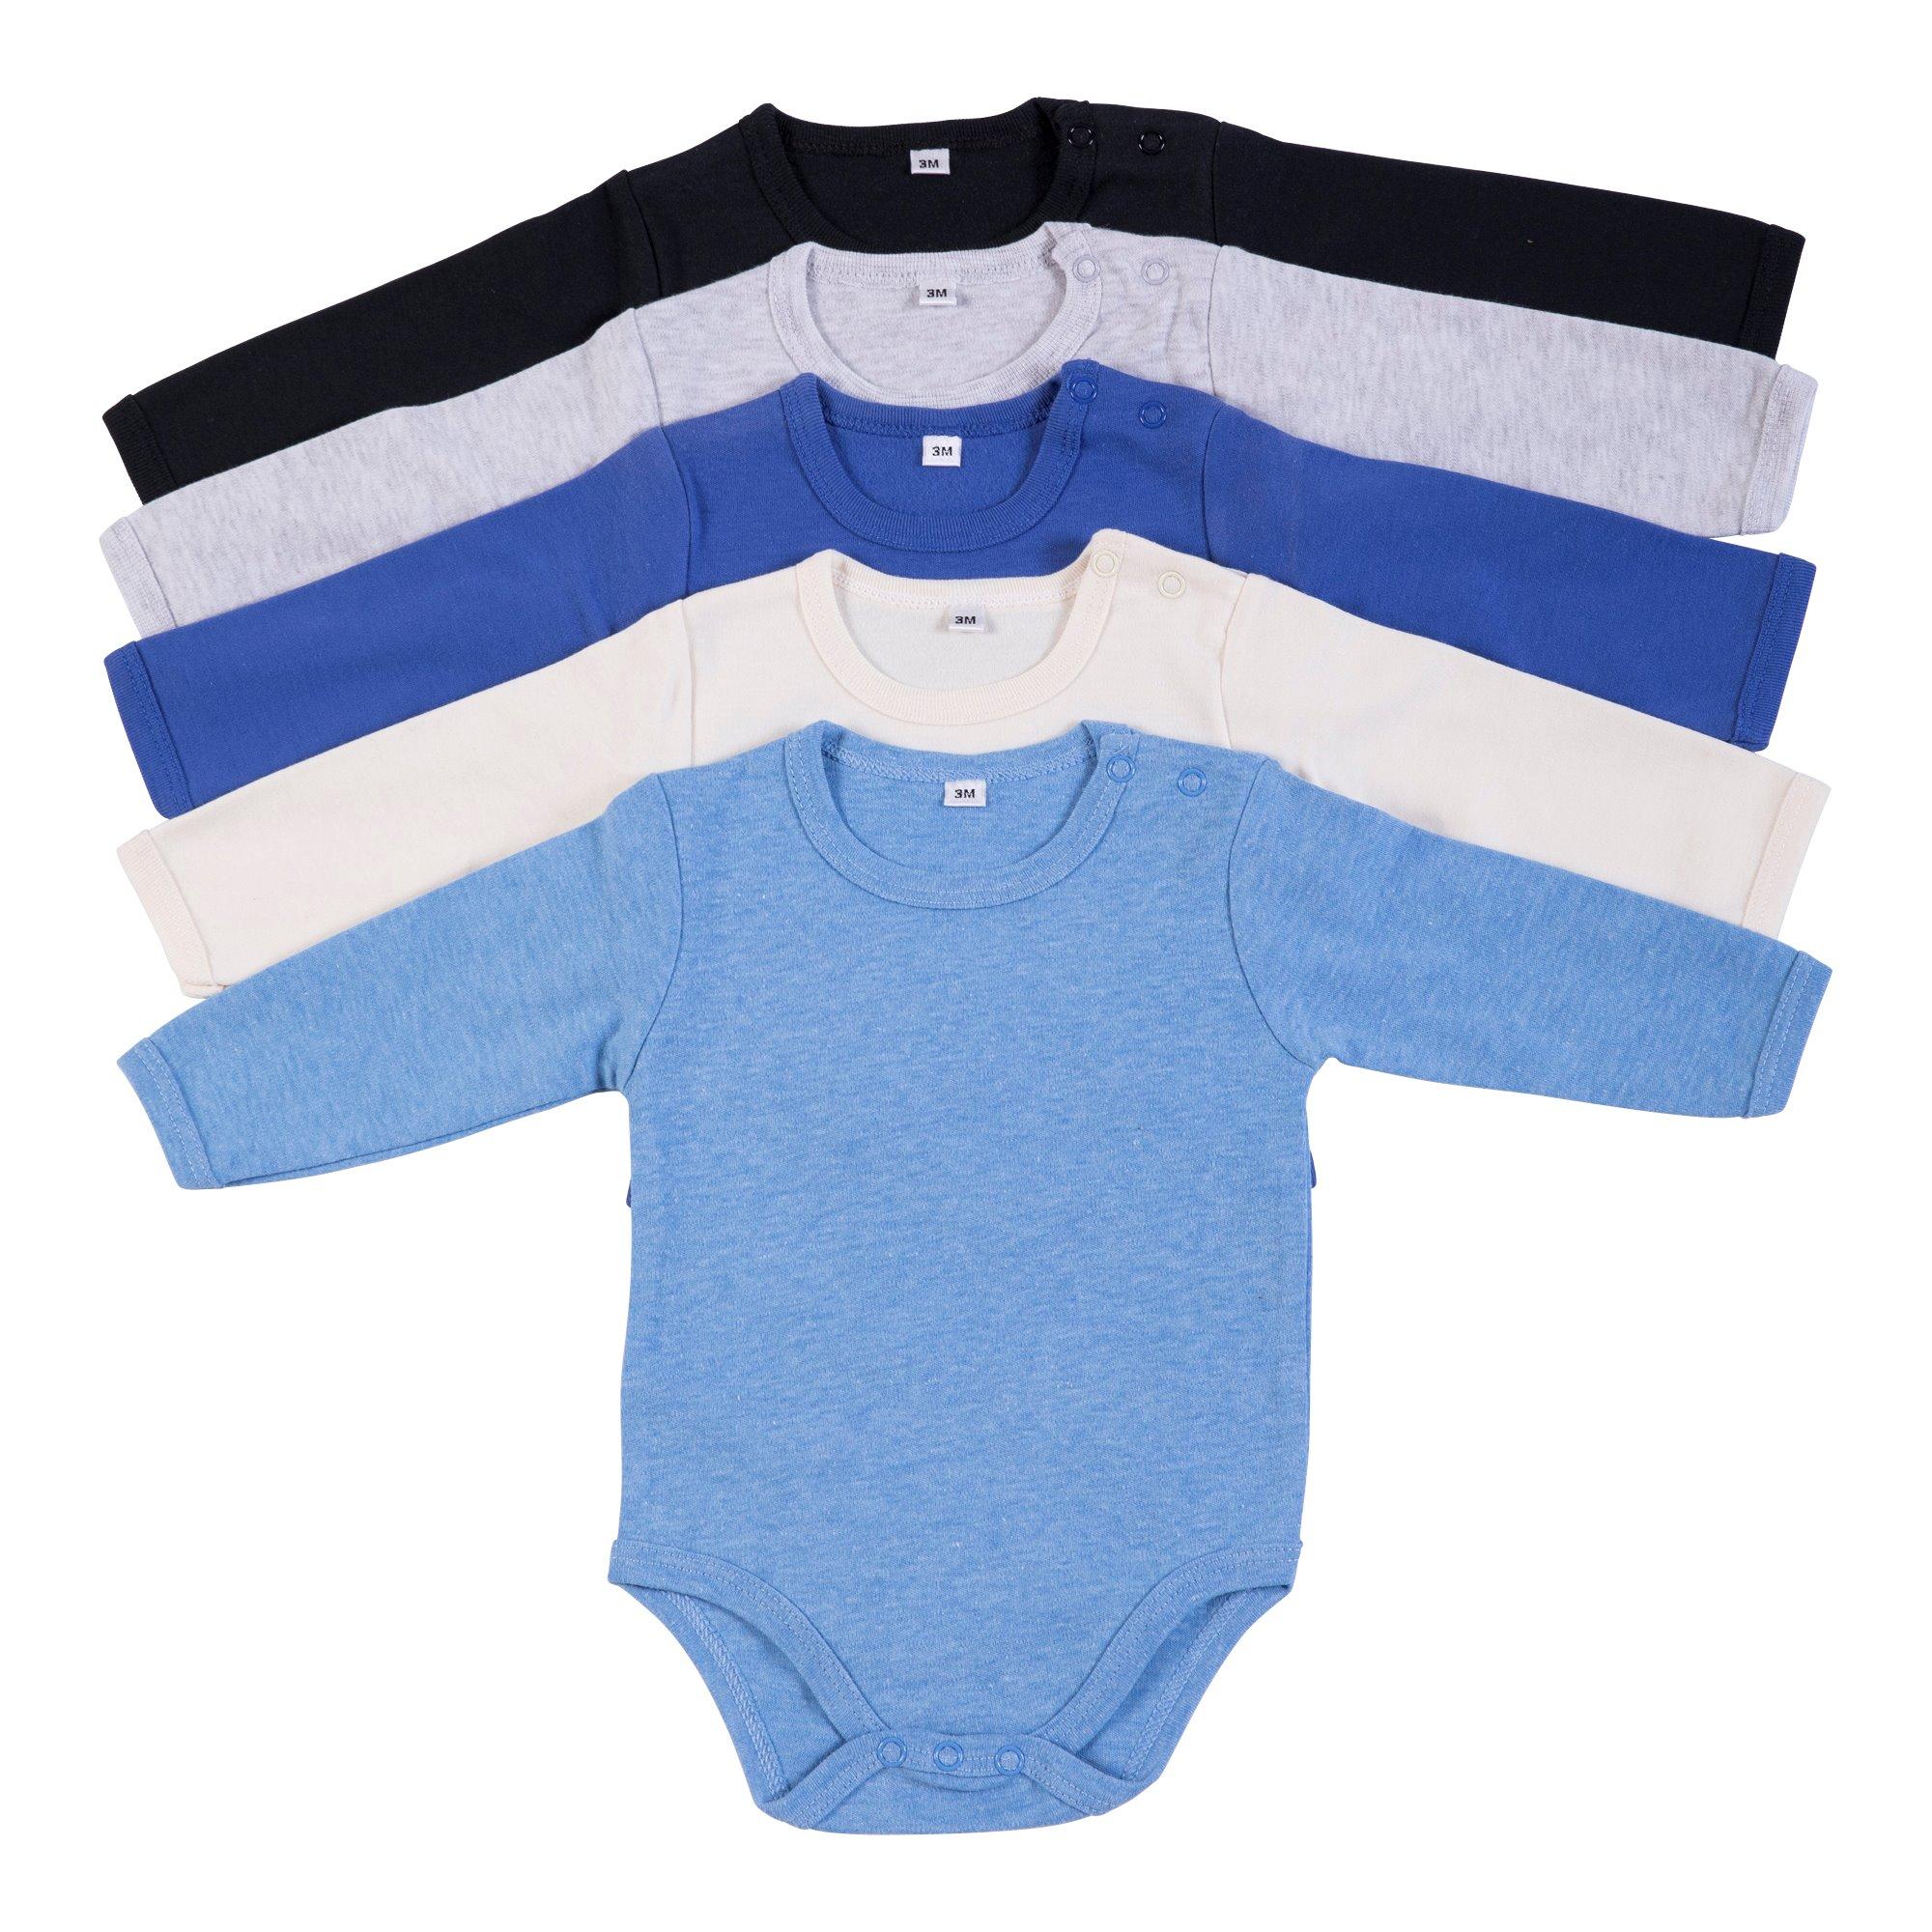 מארז 5 בגדי גוף 9100 שחור- אפור מלאנג' - כחול רויאל - שמנת - תכלת פלנל